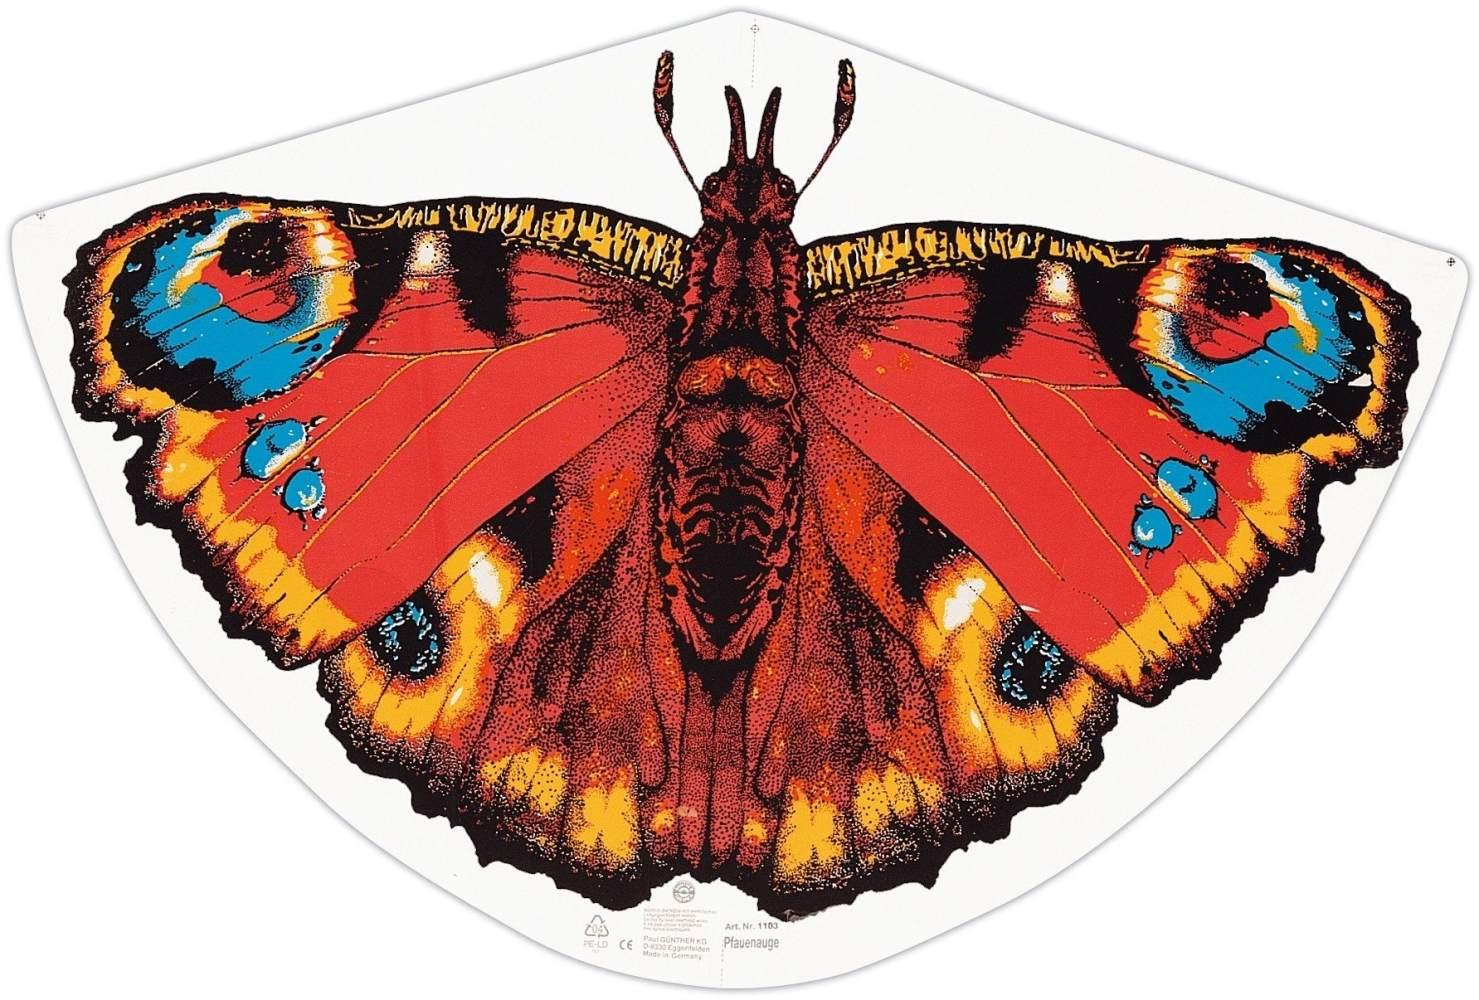 Paul Günther 1103 - Kinderdrachen mit Schmetterling Motiv, Einleinerdrachen aus robuster PE-Folie mit verstellbarer Drachenwaage, für Kinder ab 4 Jahre mit Wickelgriff und Schnur, ca. 92 x 62 cm groß Bild 1